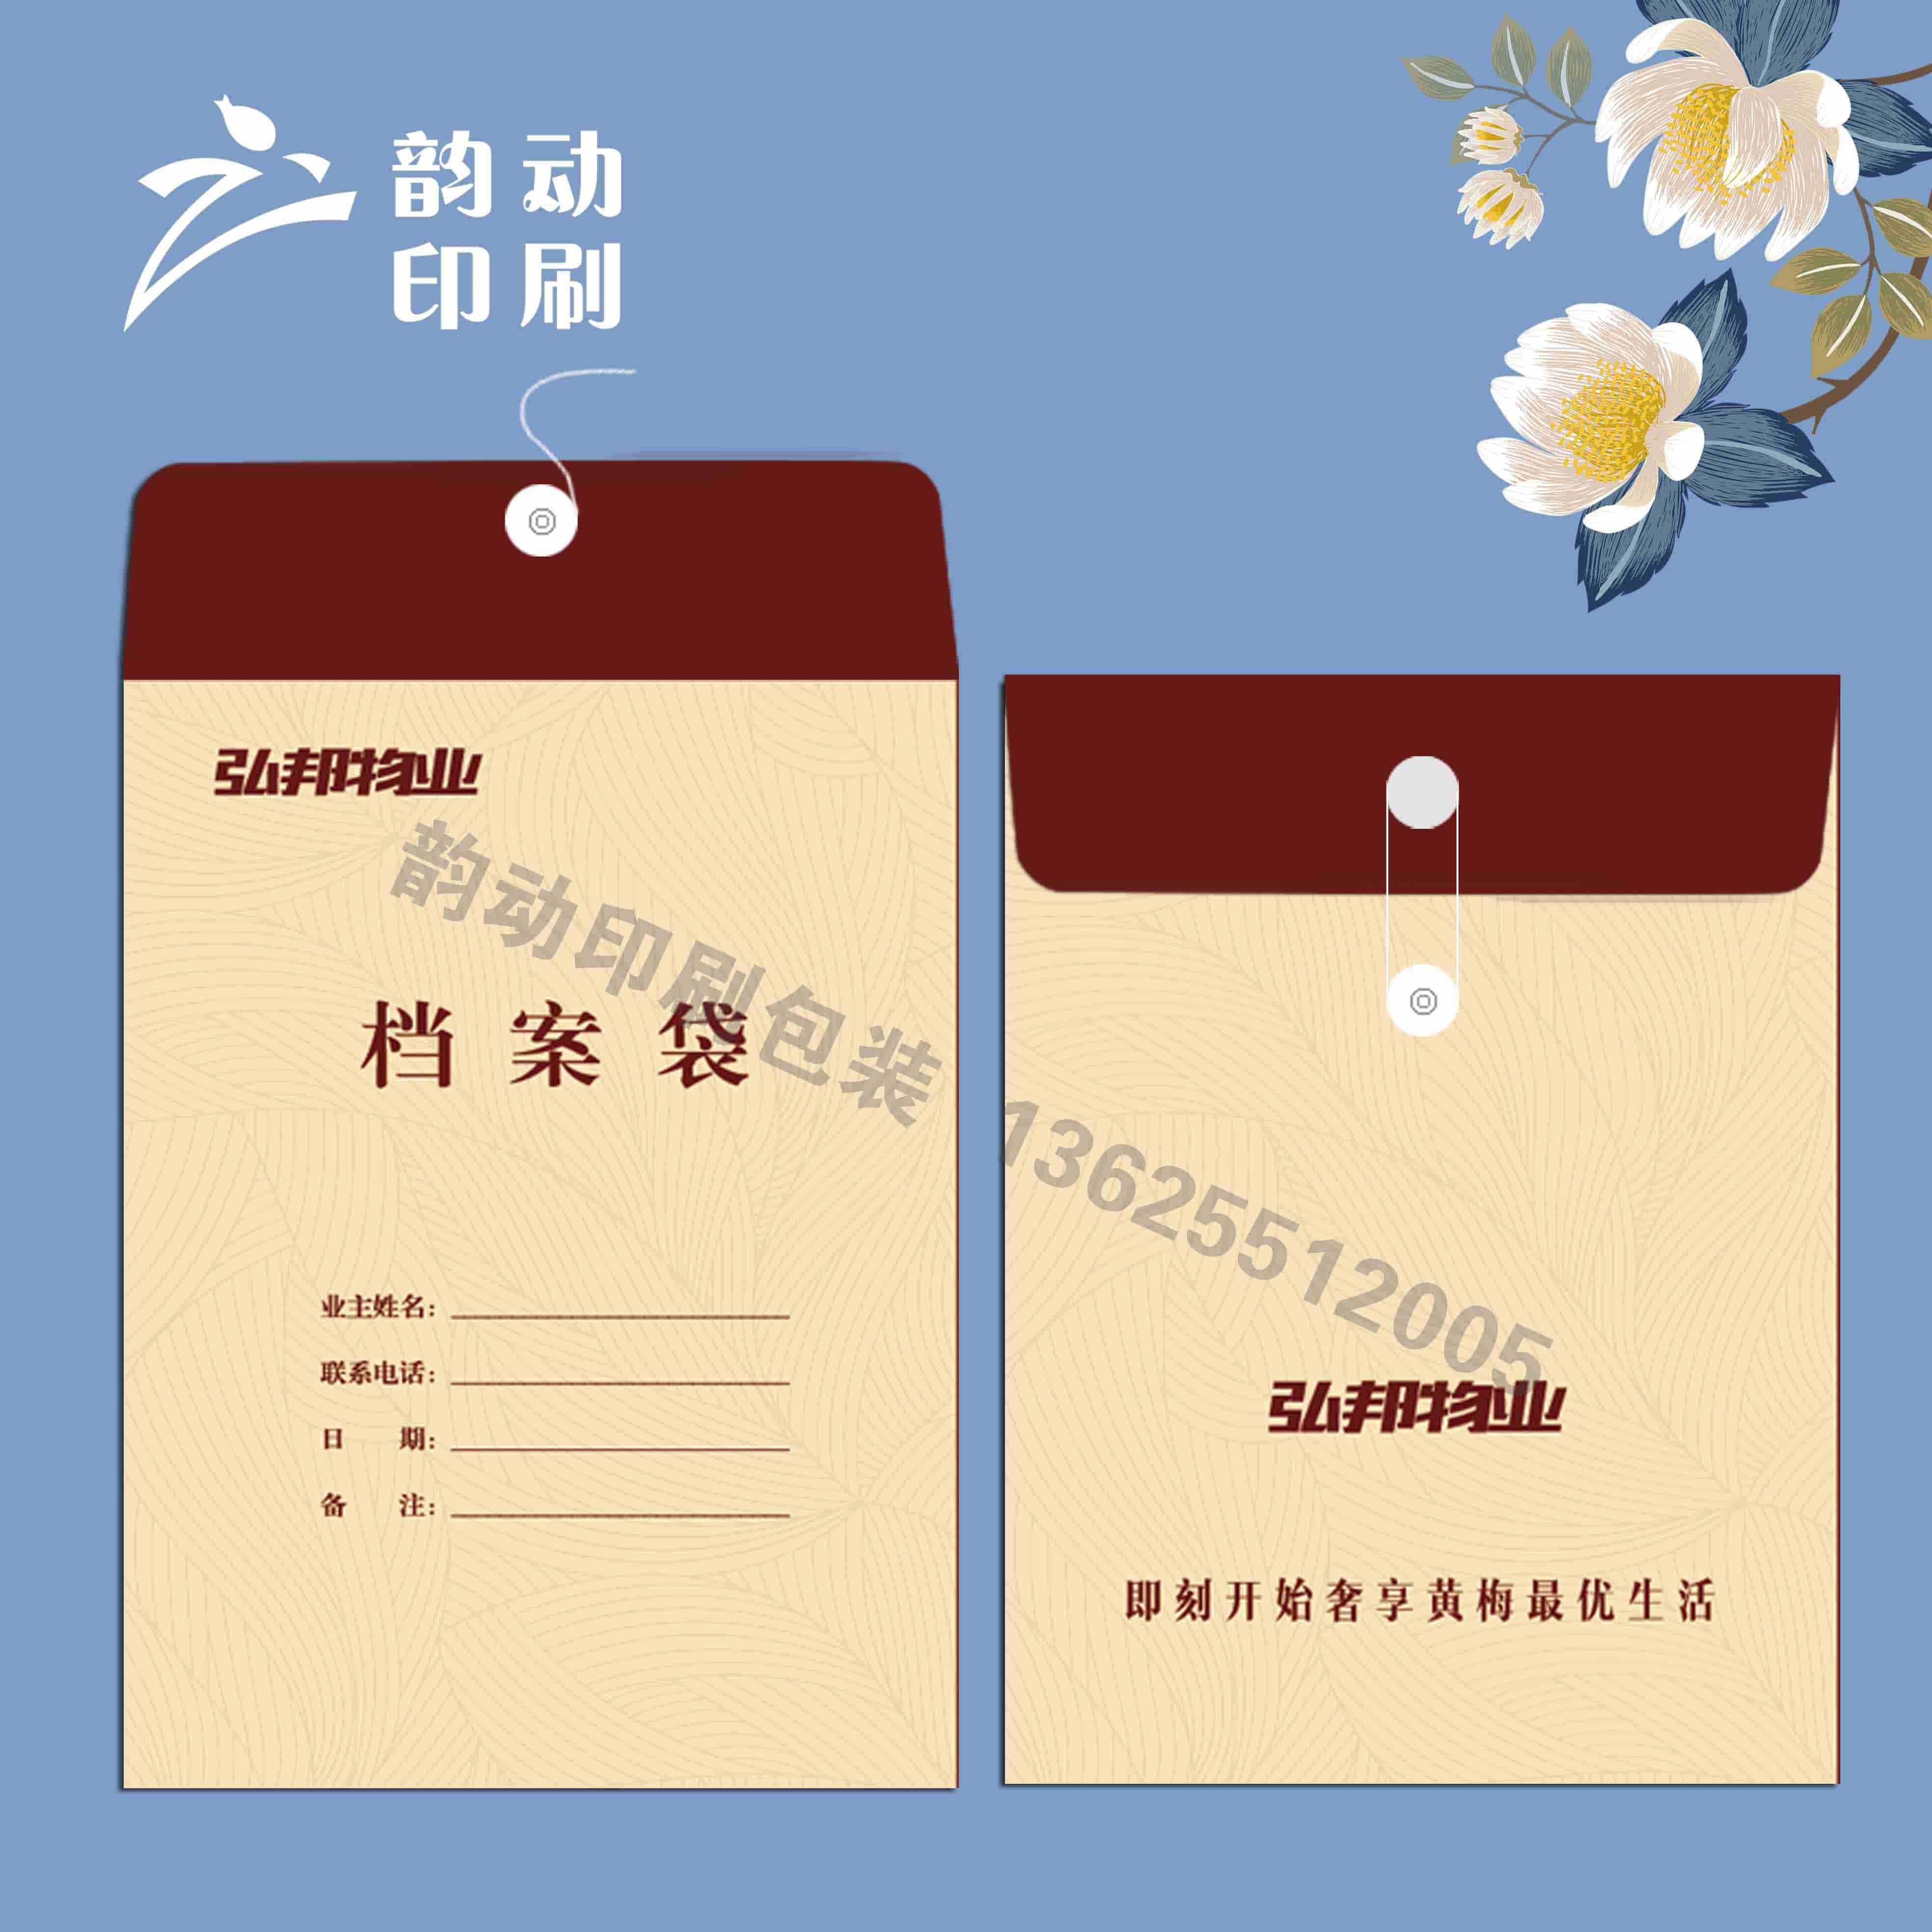 弘邦物业档案袋印刷